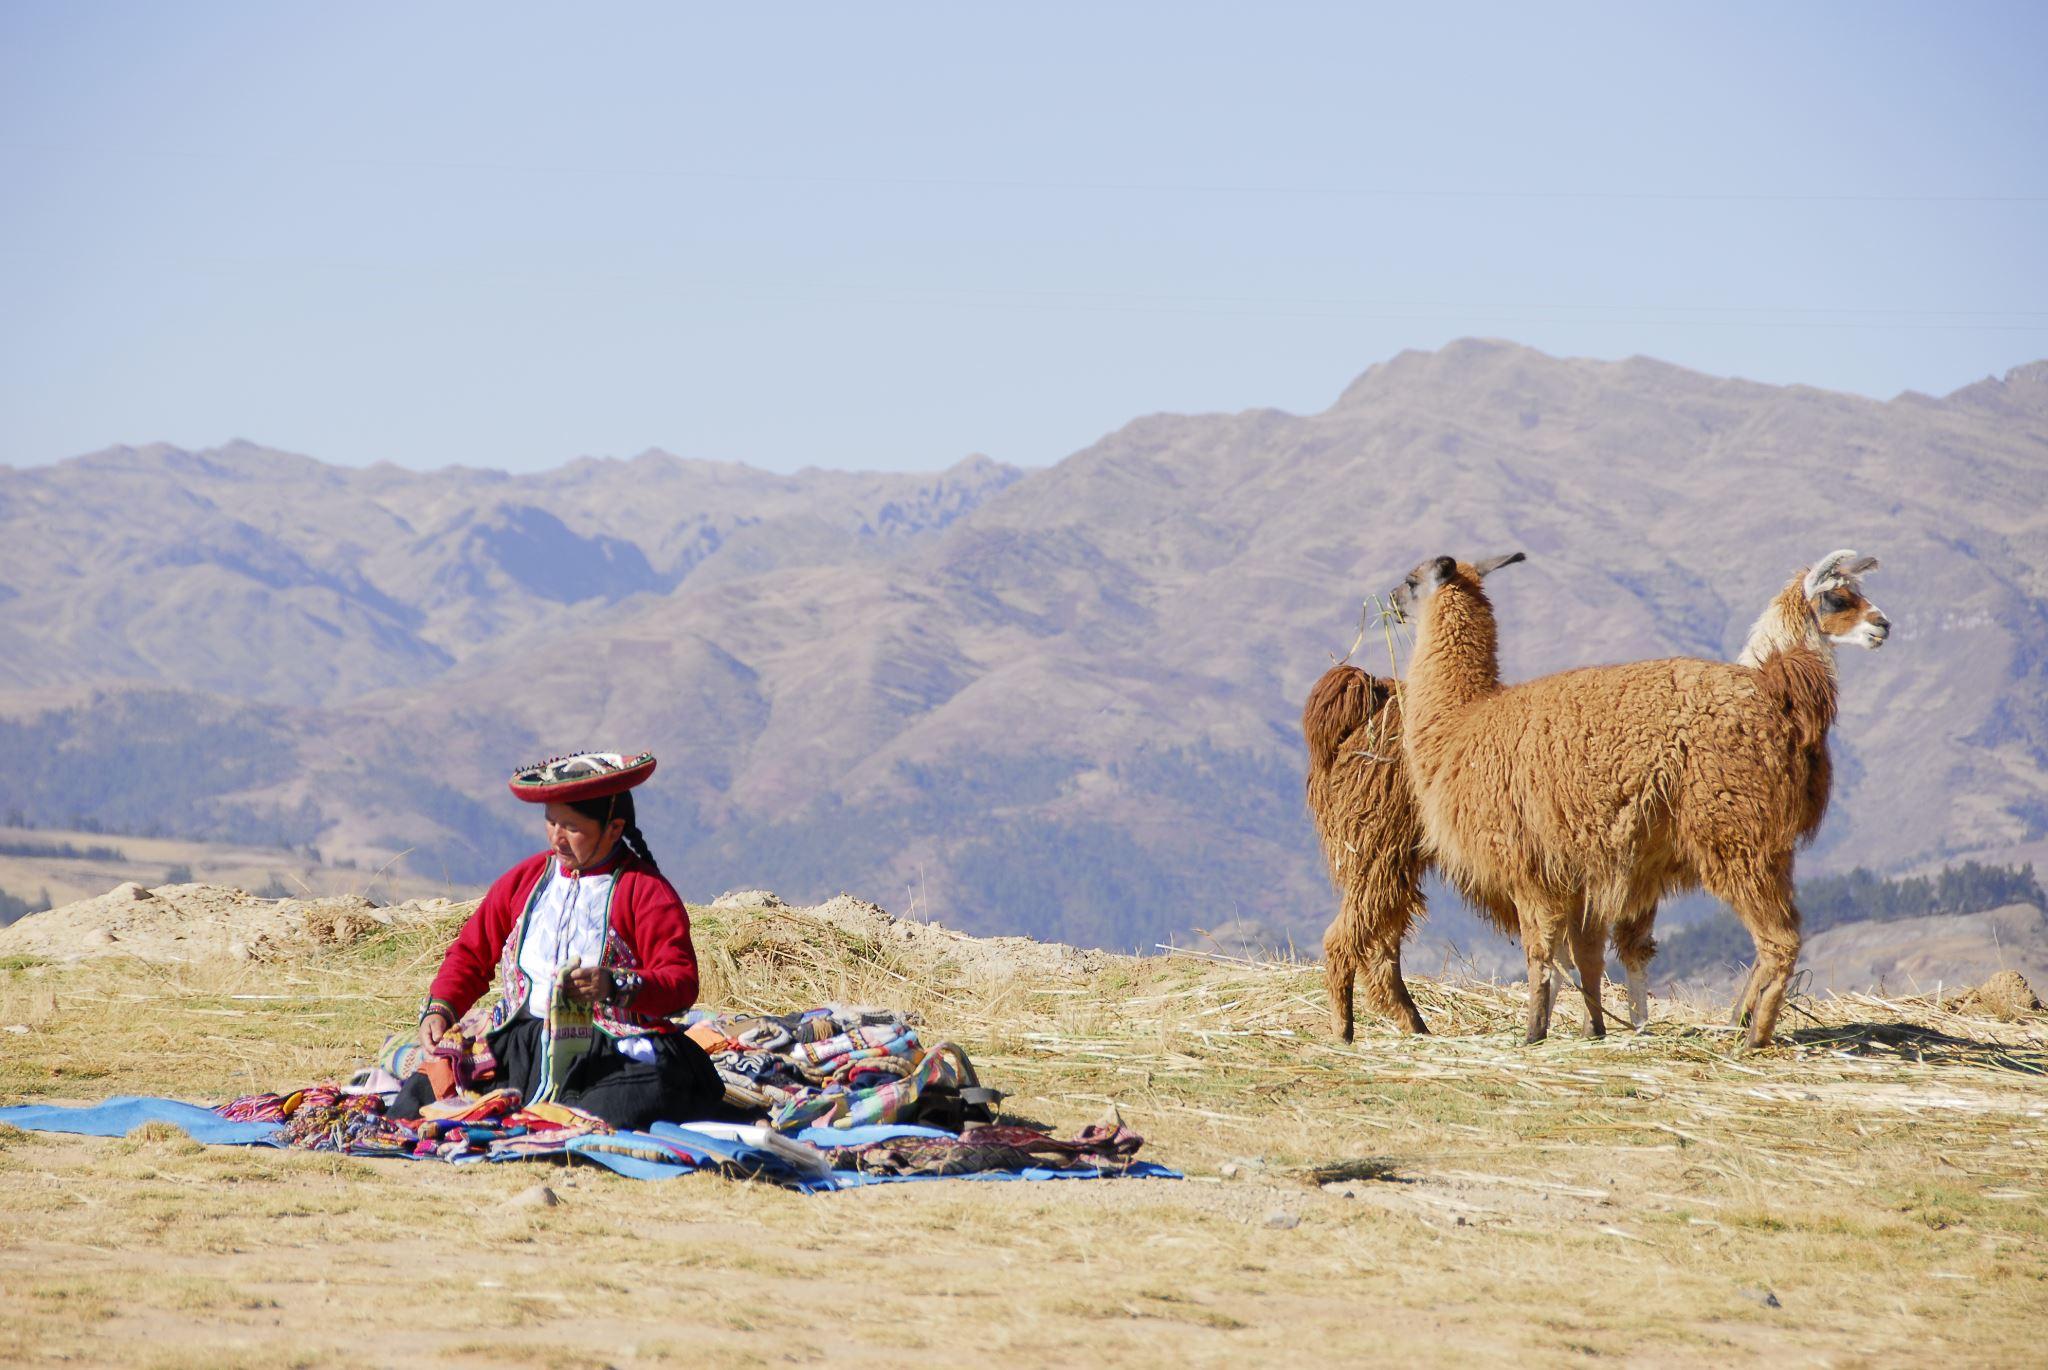 tourisme-equitable-5-choses-a-retenir-a-savoir-voyage